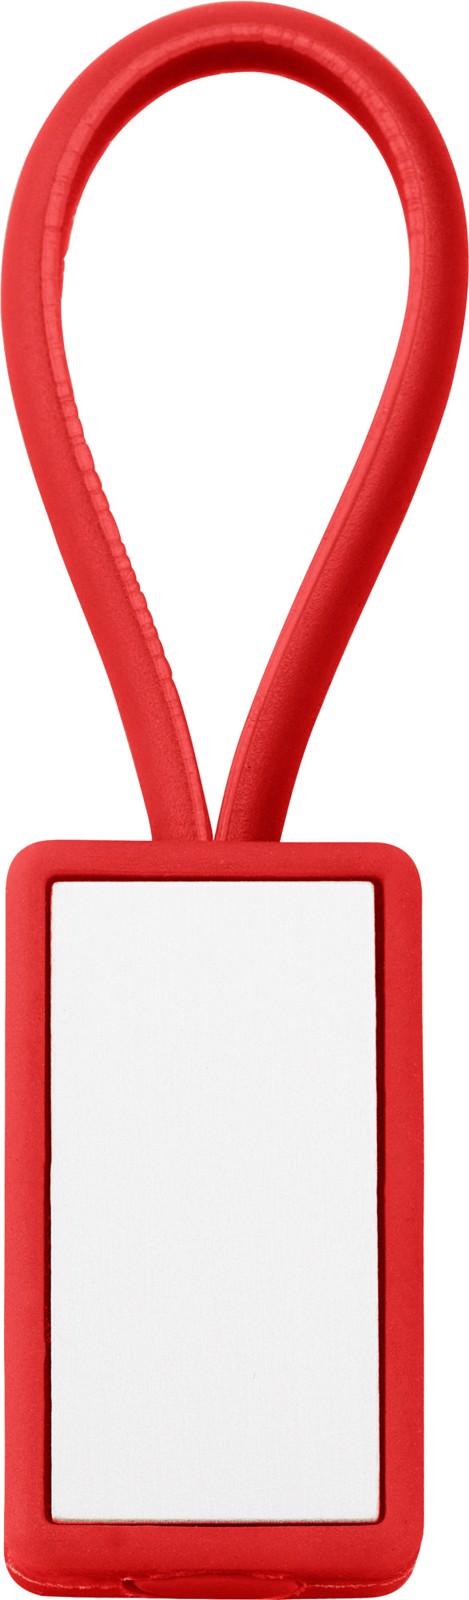 Plastic key holder - Red